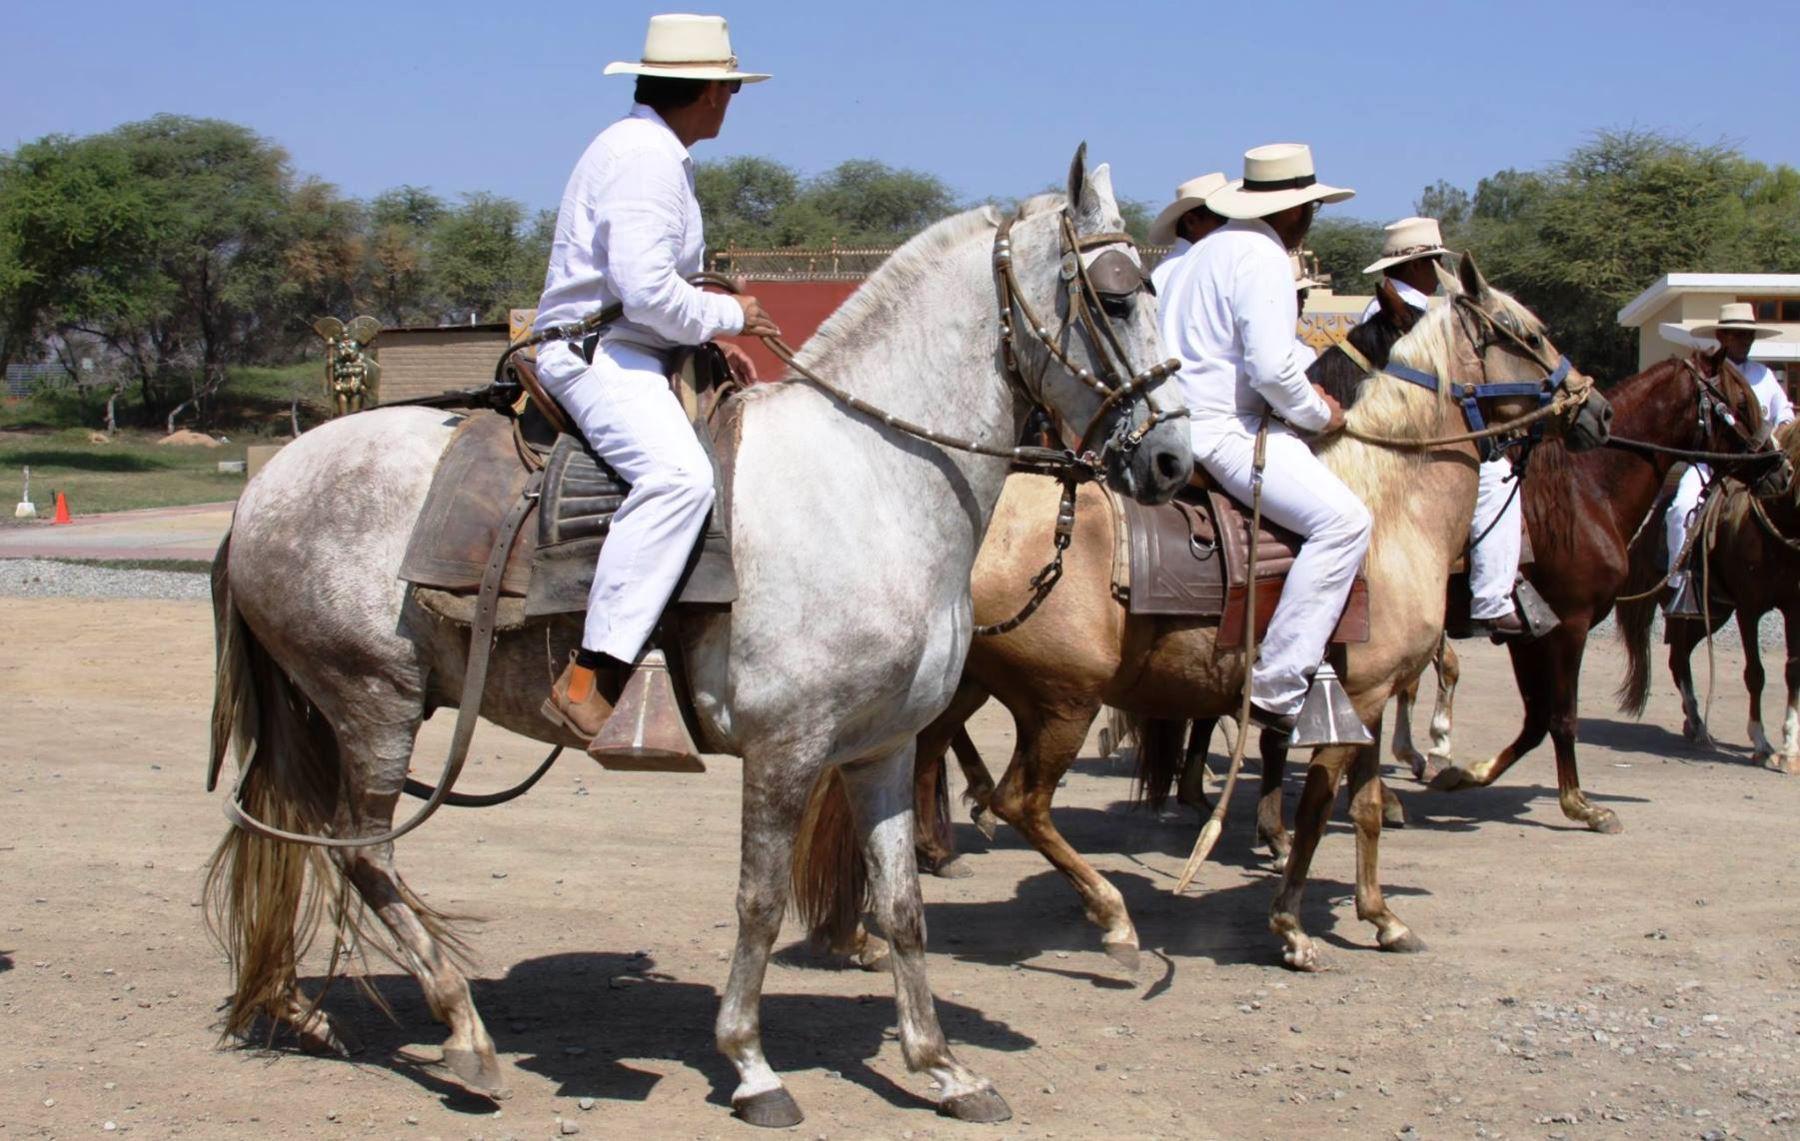 Habrá exhibición de caballos de paso peruano por el aniversario del descubrimiento del Señor de Sipán, en Lambayeque. ANDINA